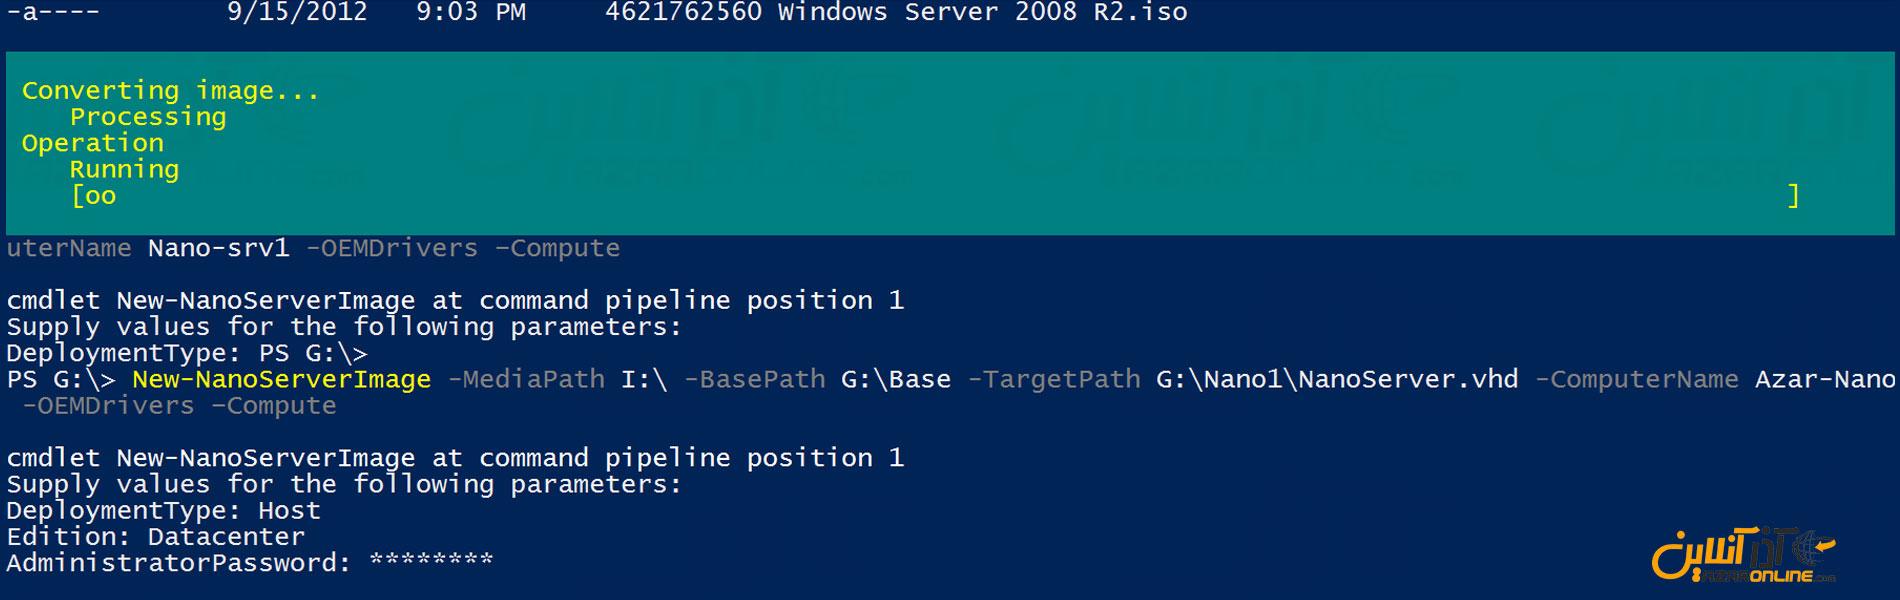 پاورشل شروع به Deploy فایل VHD نانو سرور کرده است